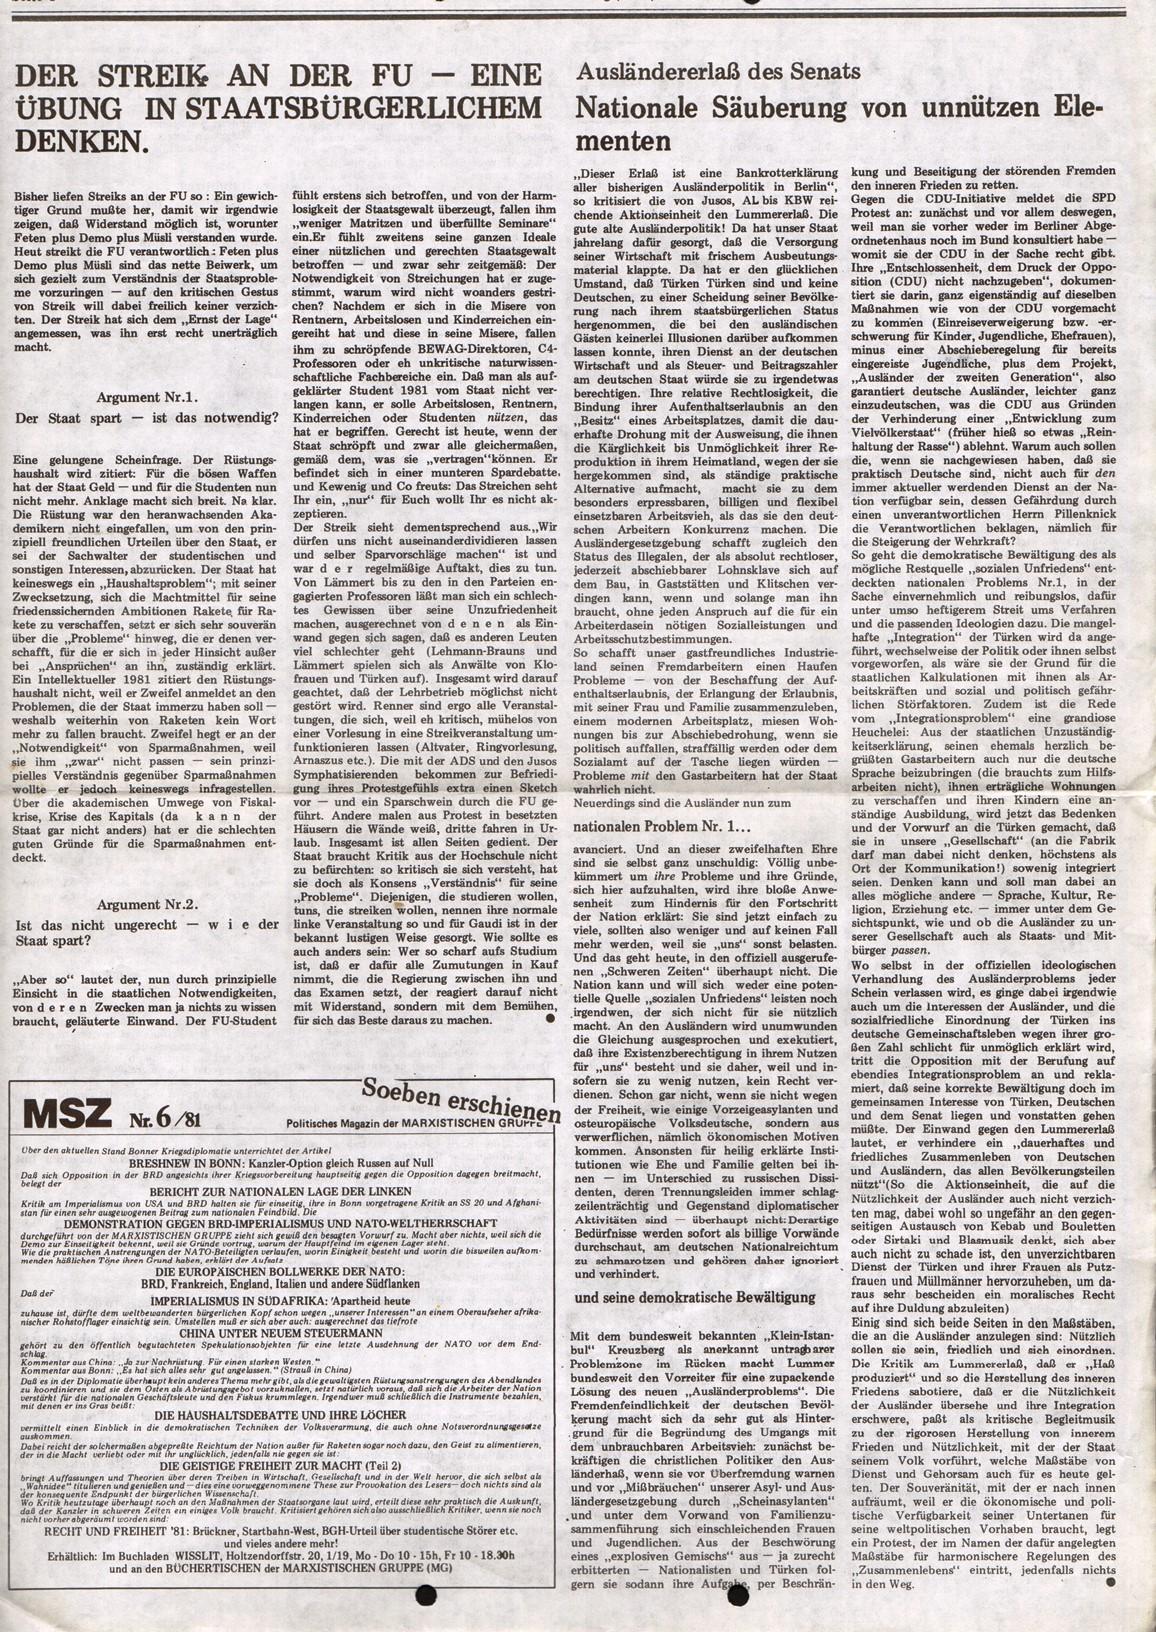 Berlin_MG_Hochschulzeitung_19811214_04